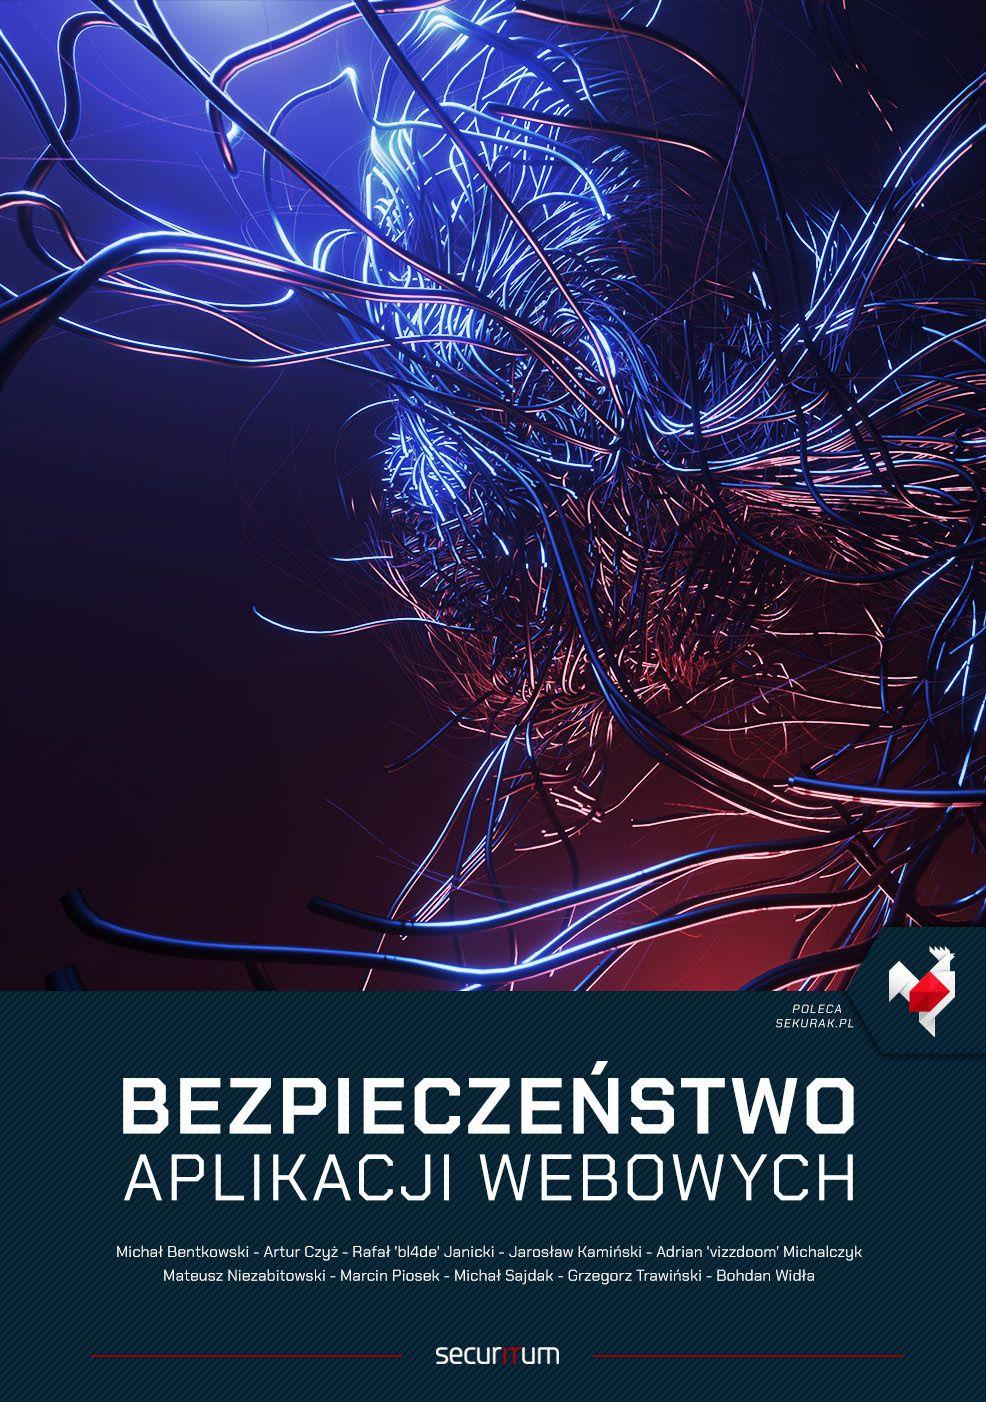 Książka sekuraka: Bezpieczeństwo aplikacji webowych